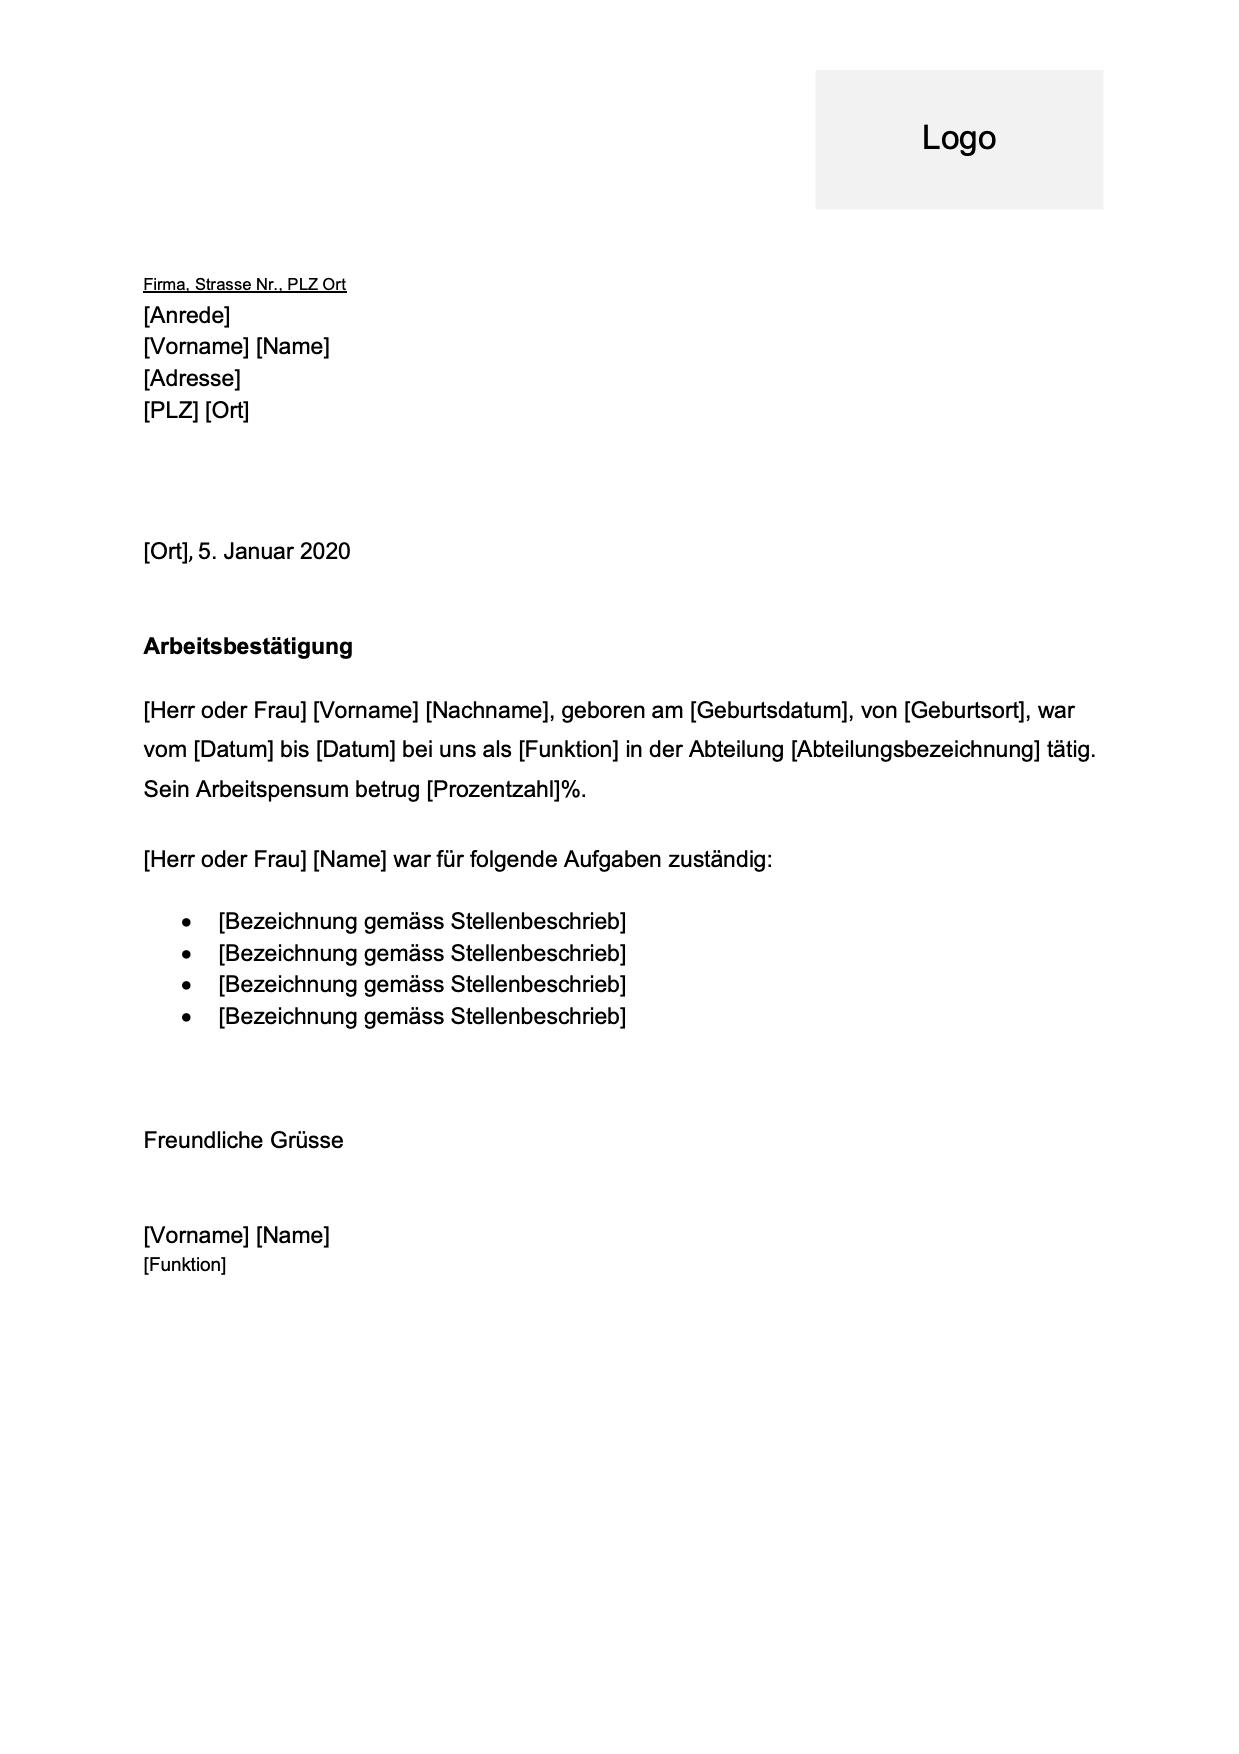 Arbeitsbestatigung Vorlage Kostenlose Word Vorlage Vorla Ch